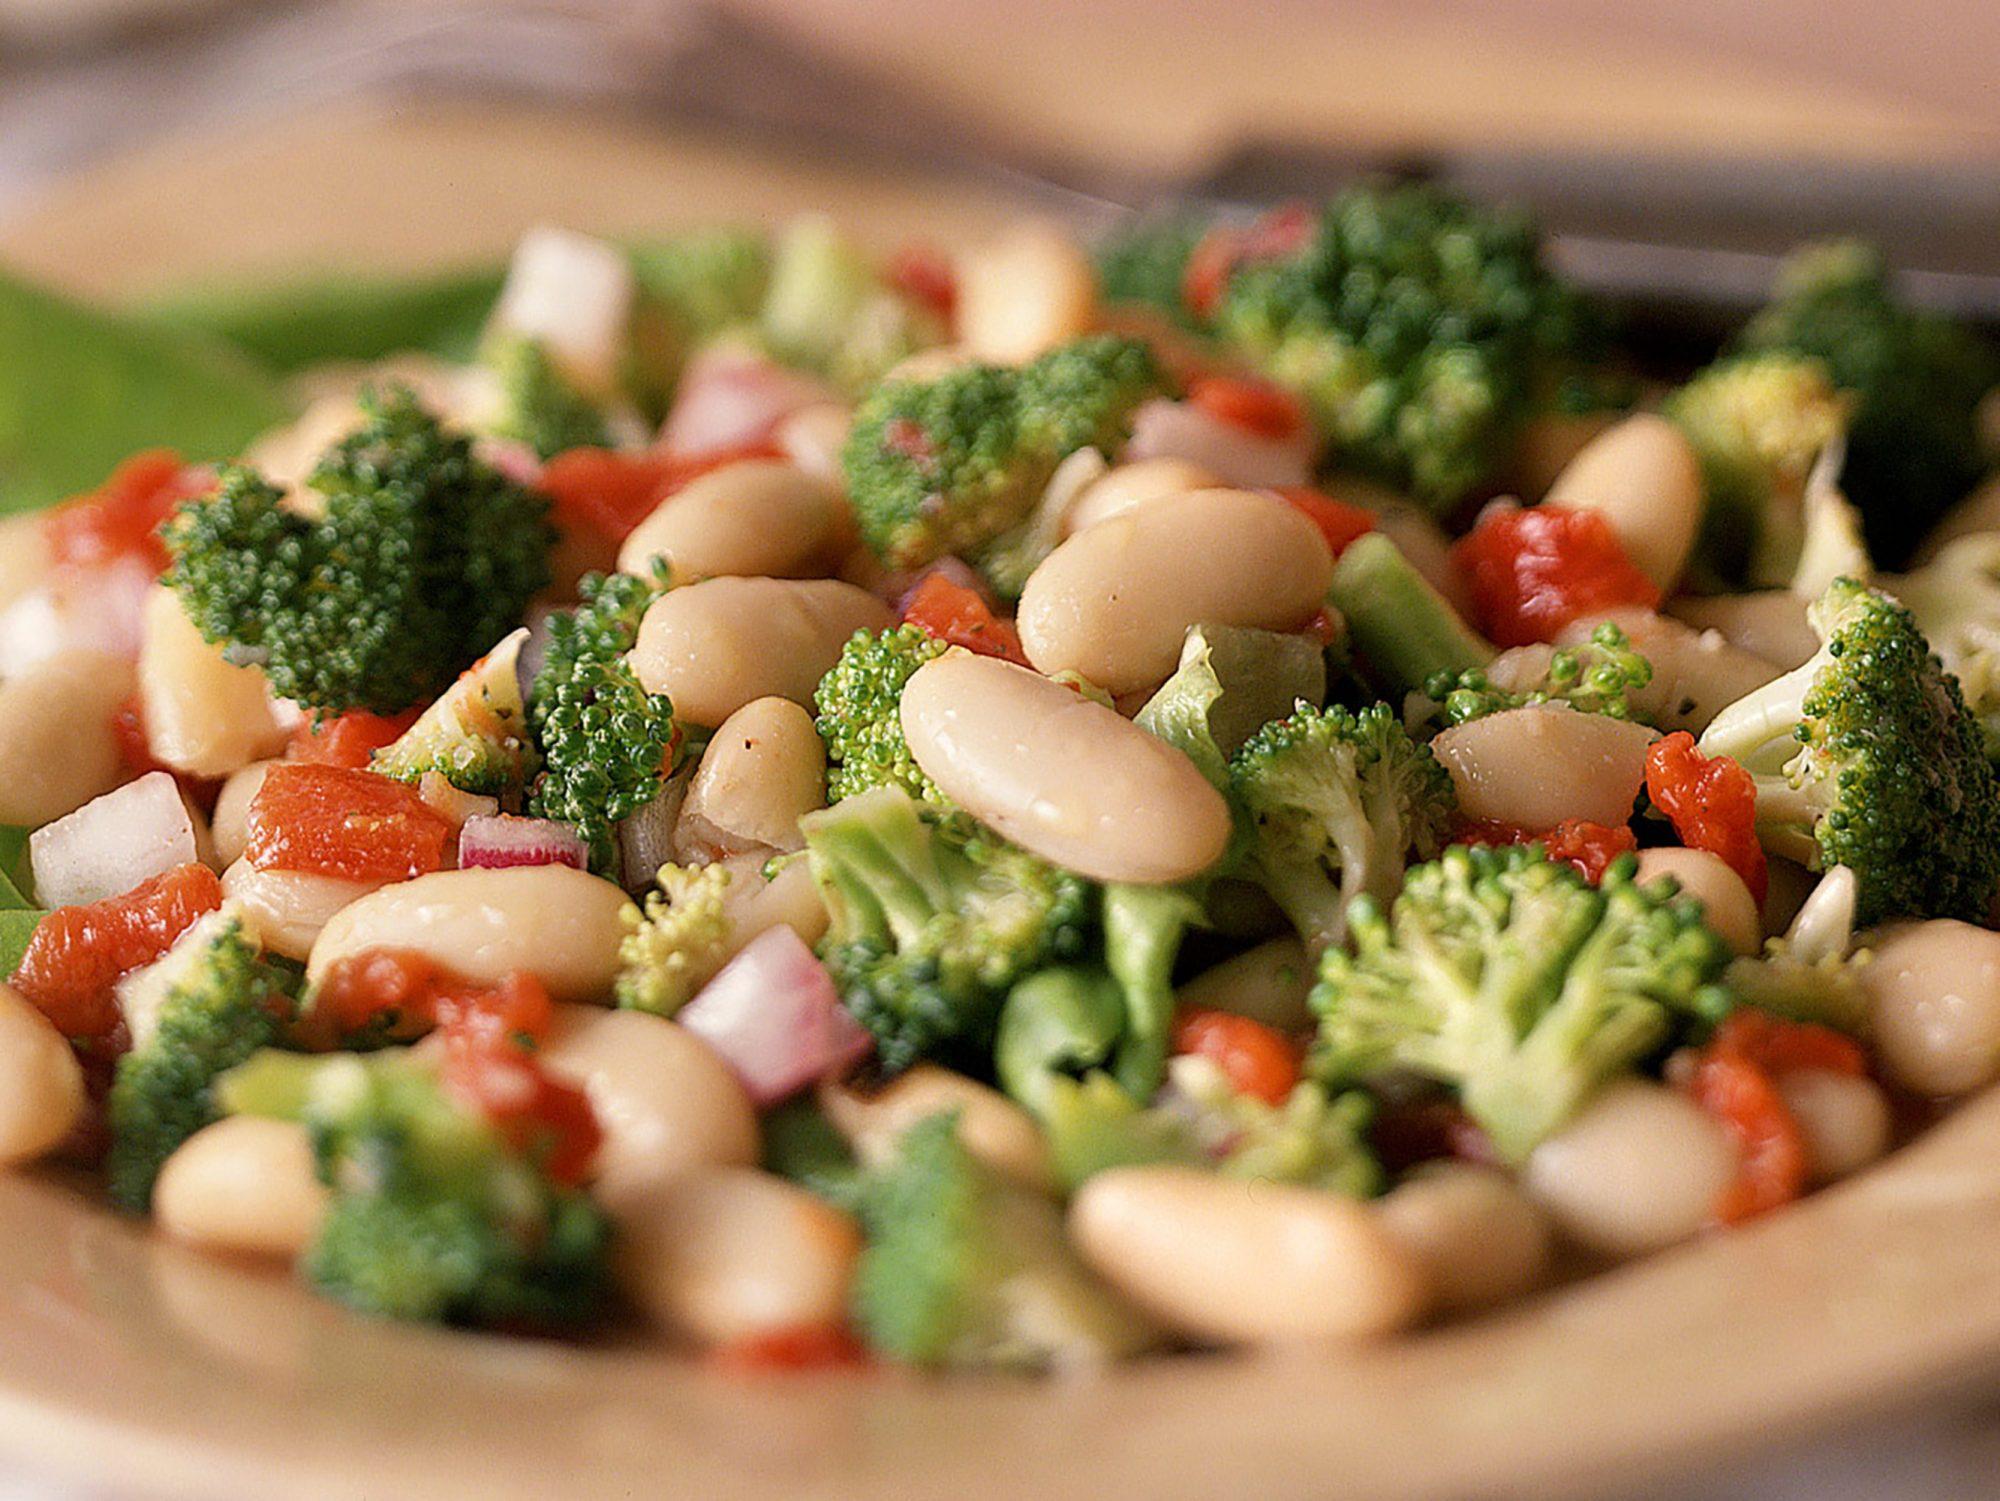 Broccoli-and-Cannellini Bean Salad